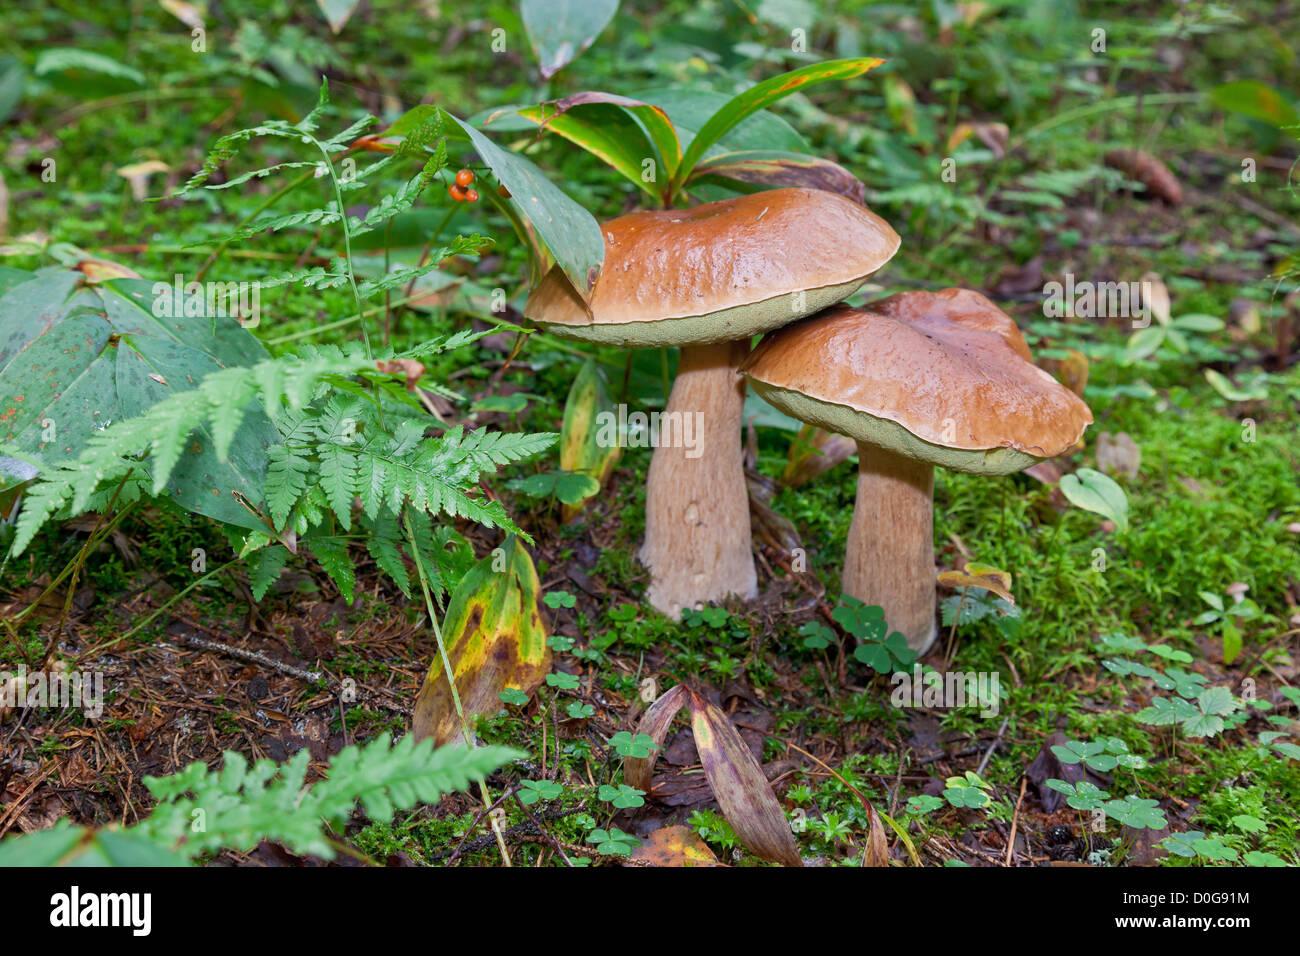 Champignons des bois dans l'herbe Photo Stock